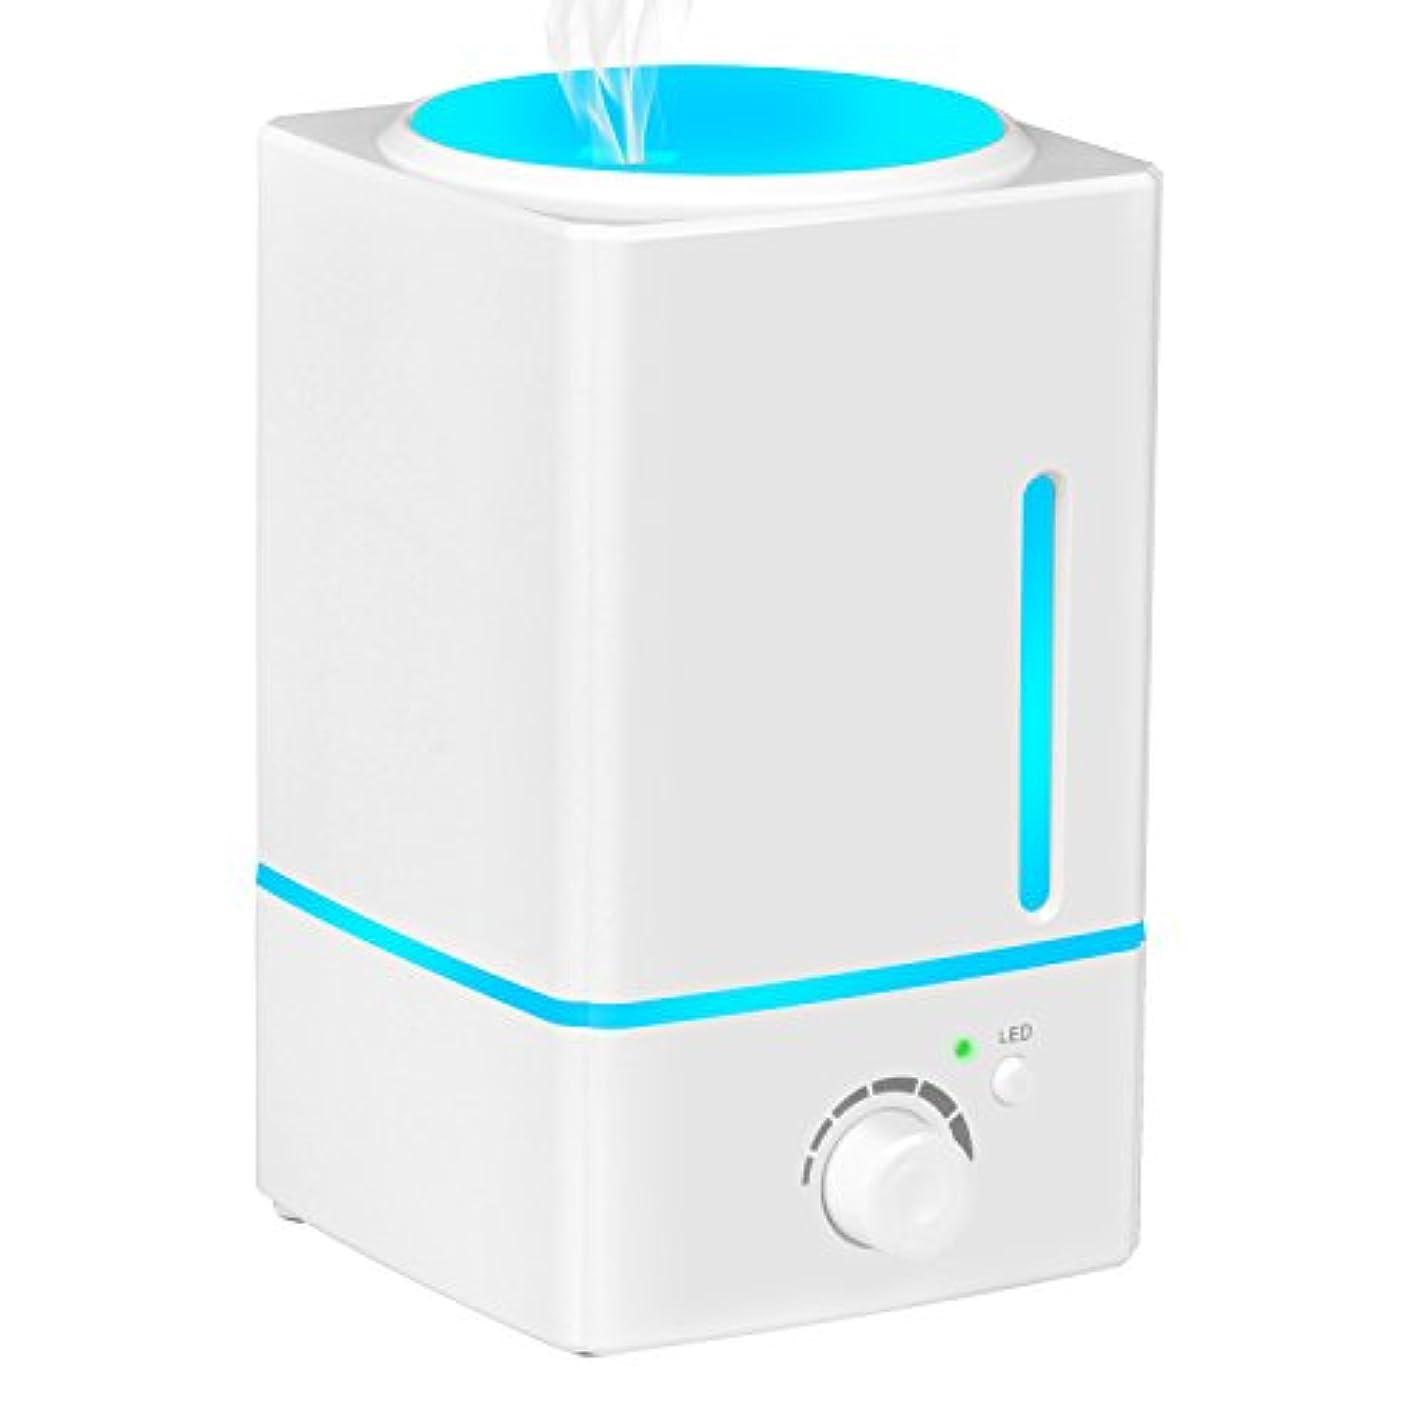 クリップ本体欺くAromatherapy Essential Oil Diffuser加湿器、olivetech 1500 ml超音波クールなミスト加湿器with LEDライトの色変更と自動遮断forホームオフィス寝室